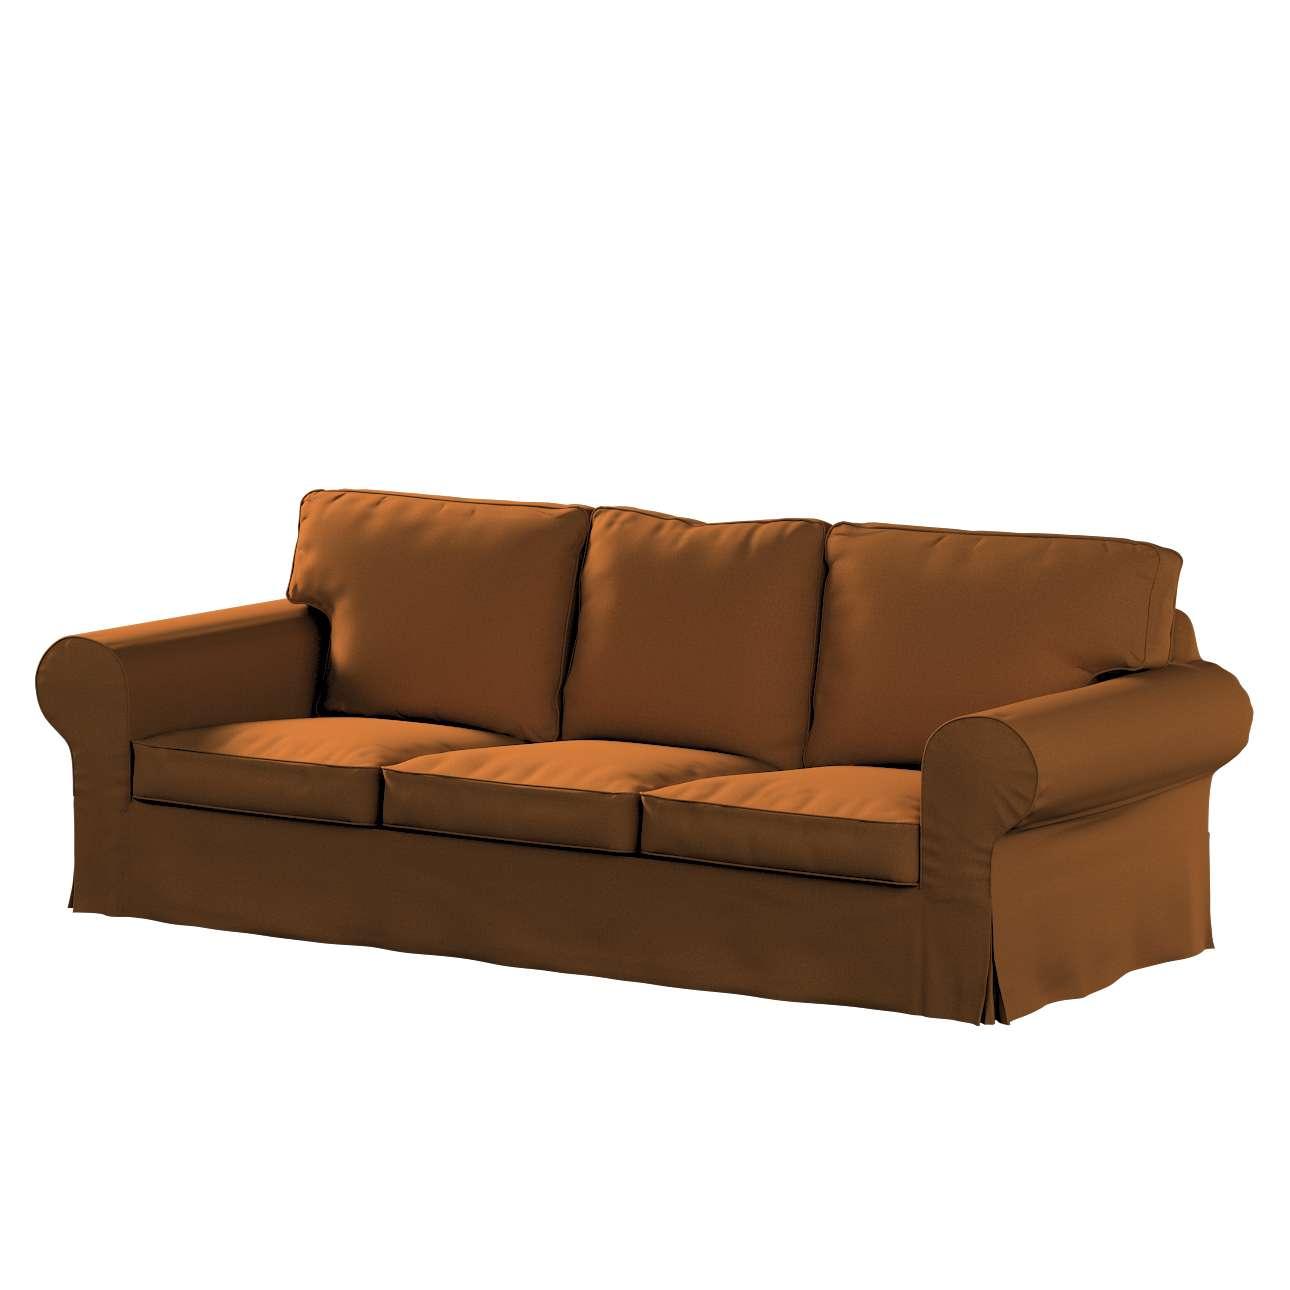 Pokrowiec na sofę Ektorp 3-osobową, rozkładaną w kolekcji Living II, tkanina: 161-28